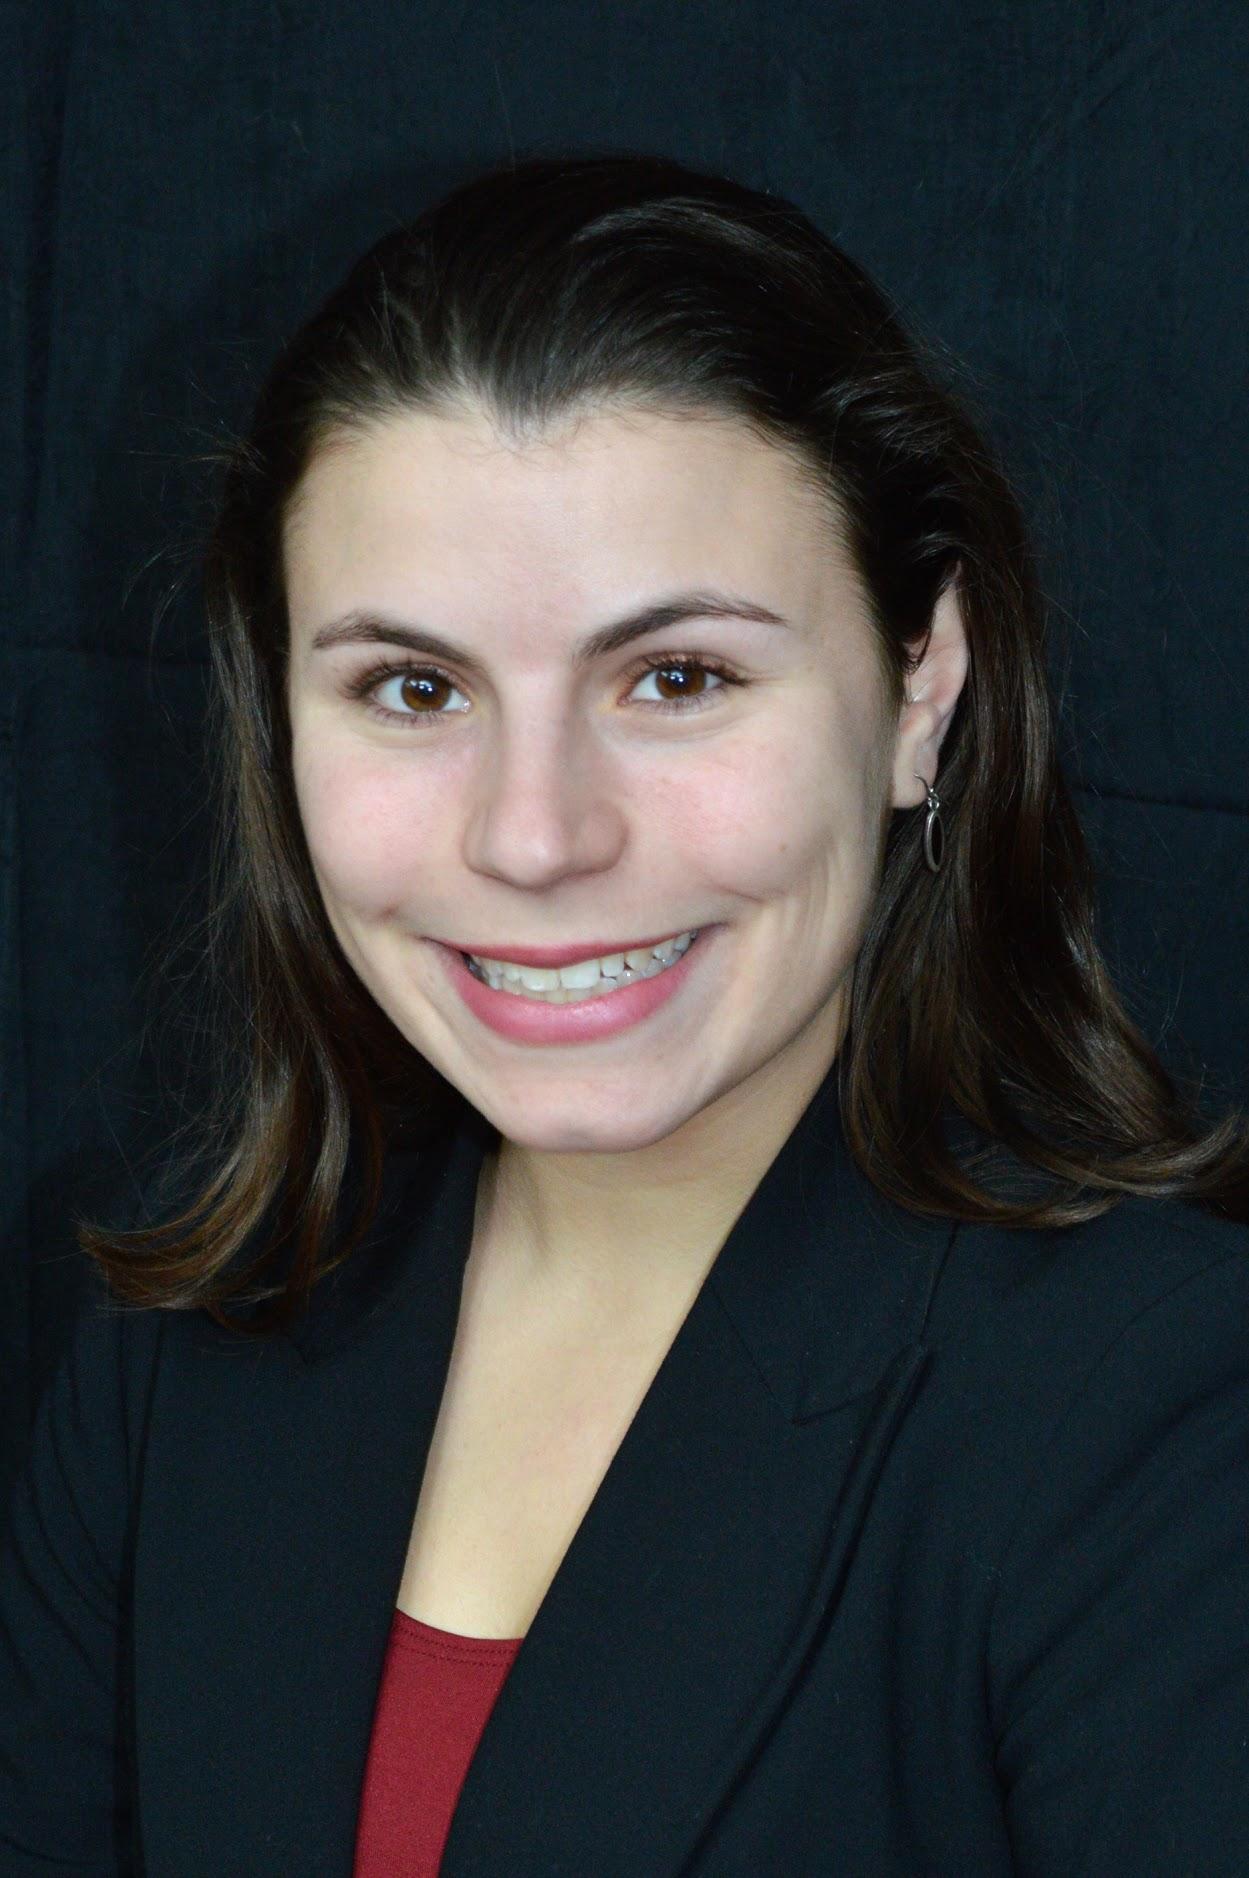 SarahSimkin